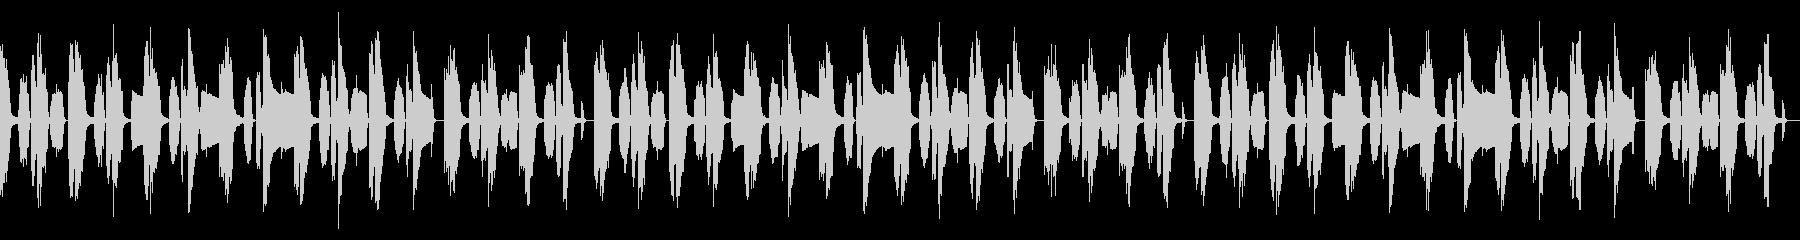 動画向け/ほのぼの/オルガン主体の未再生の波形